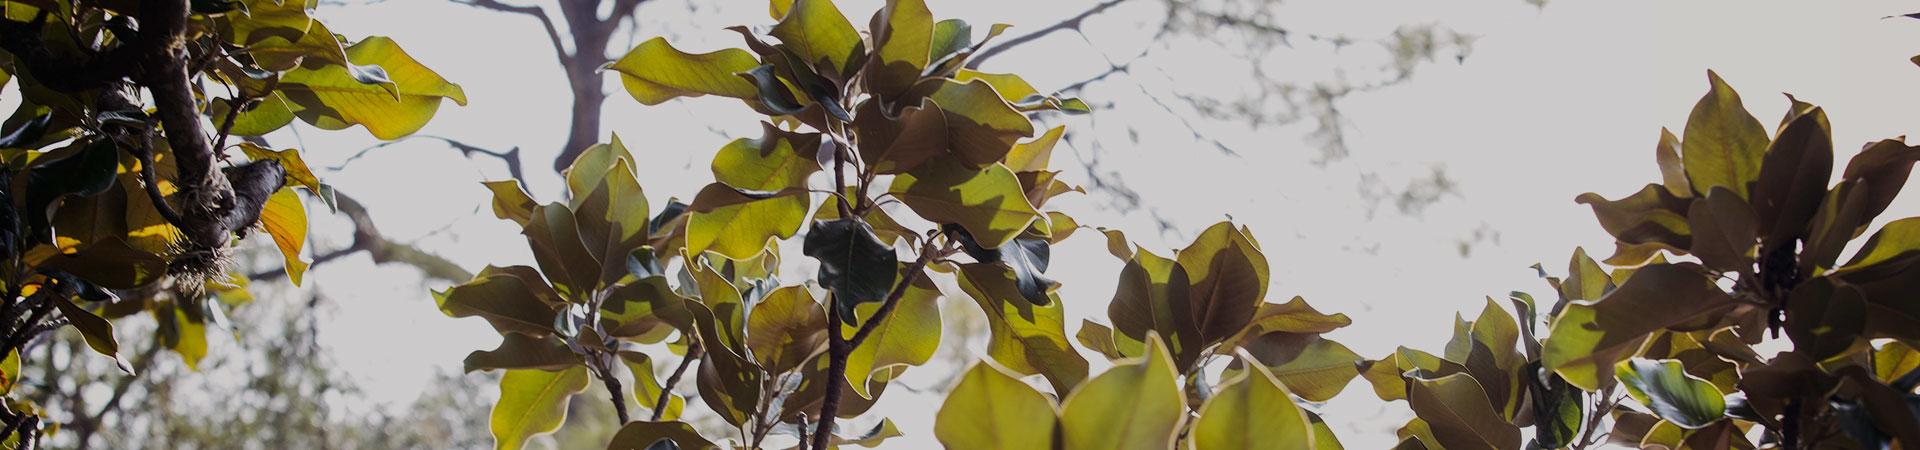 magnoliatree1